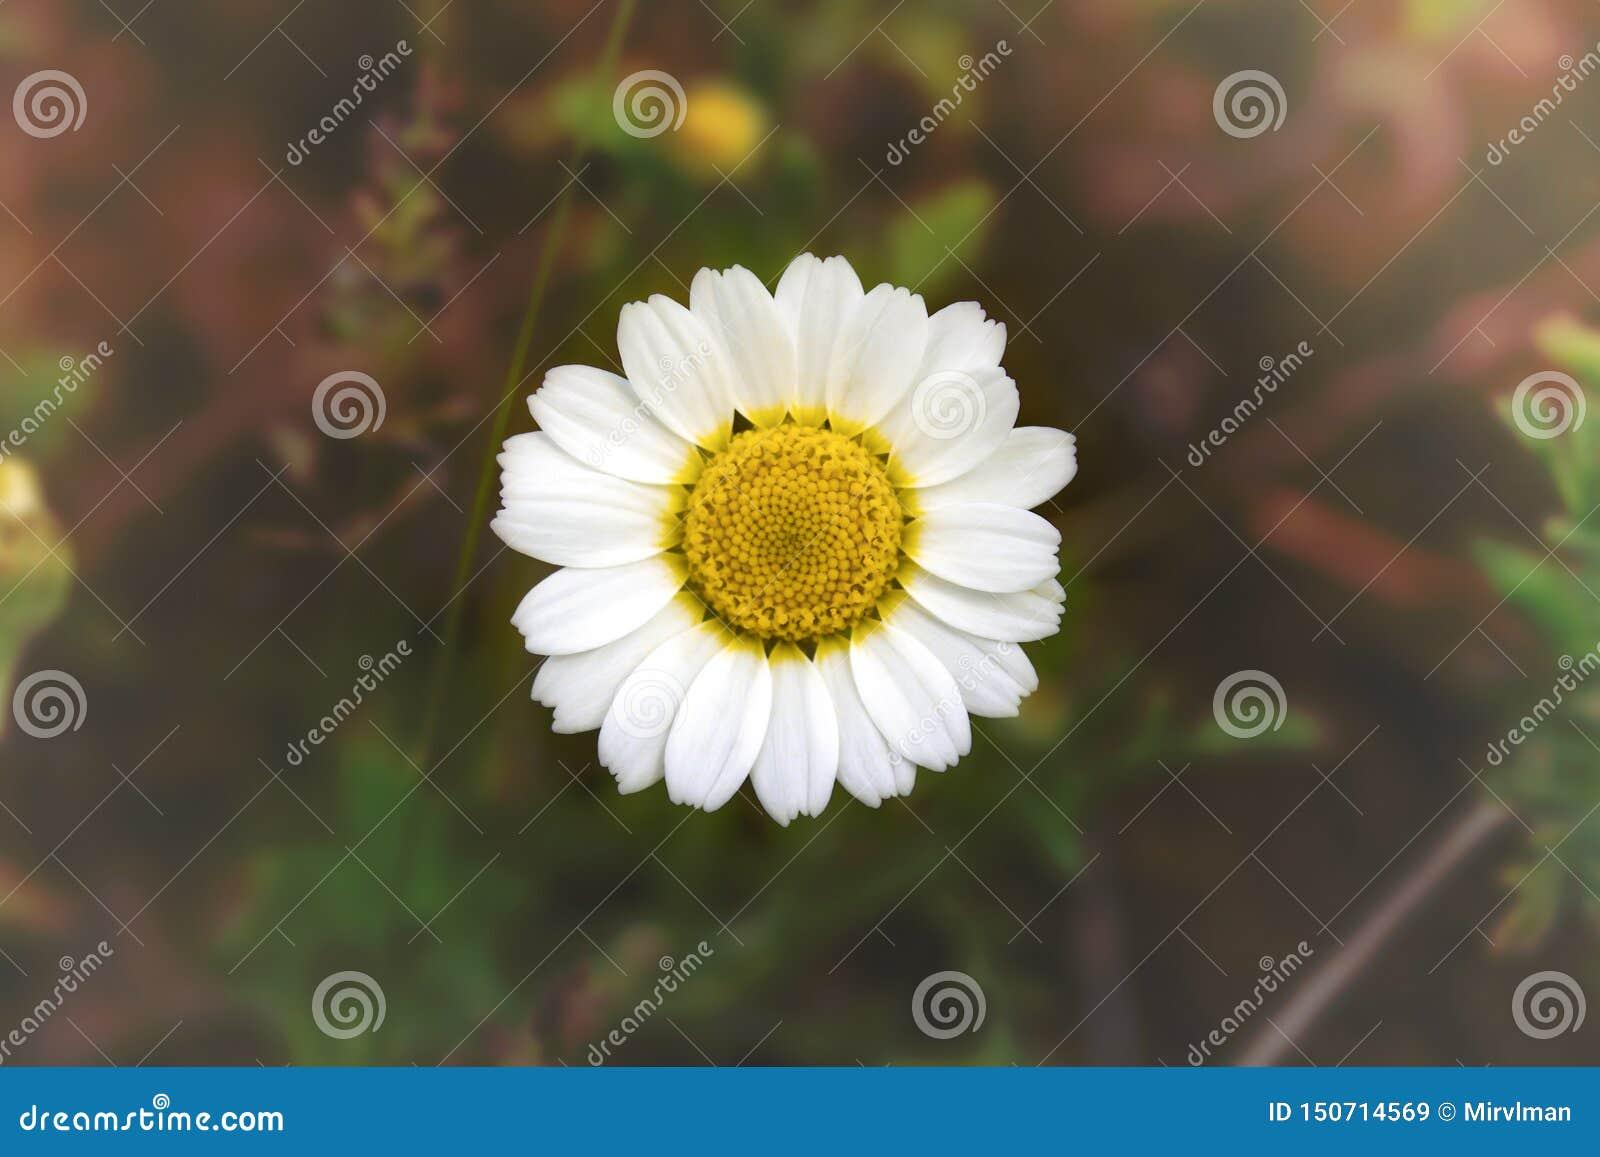 Weiße Kamille - Gänseblümchen auf unscharfem Hintergrund